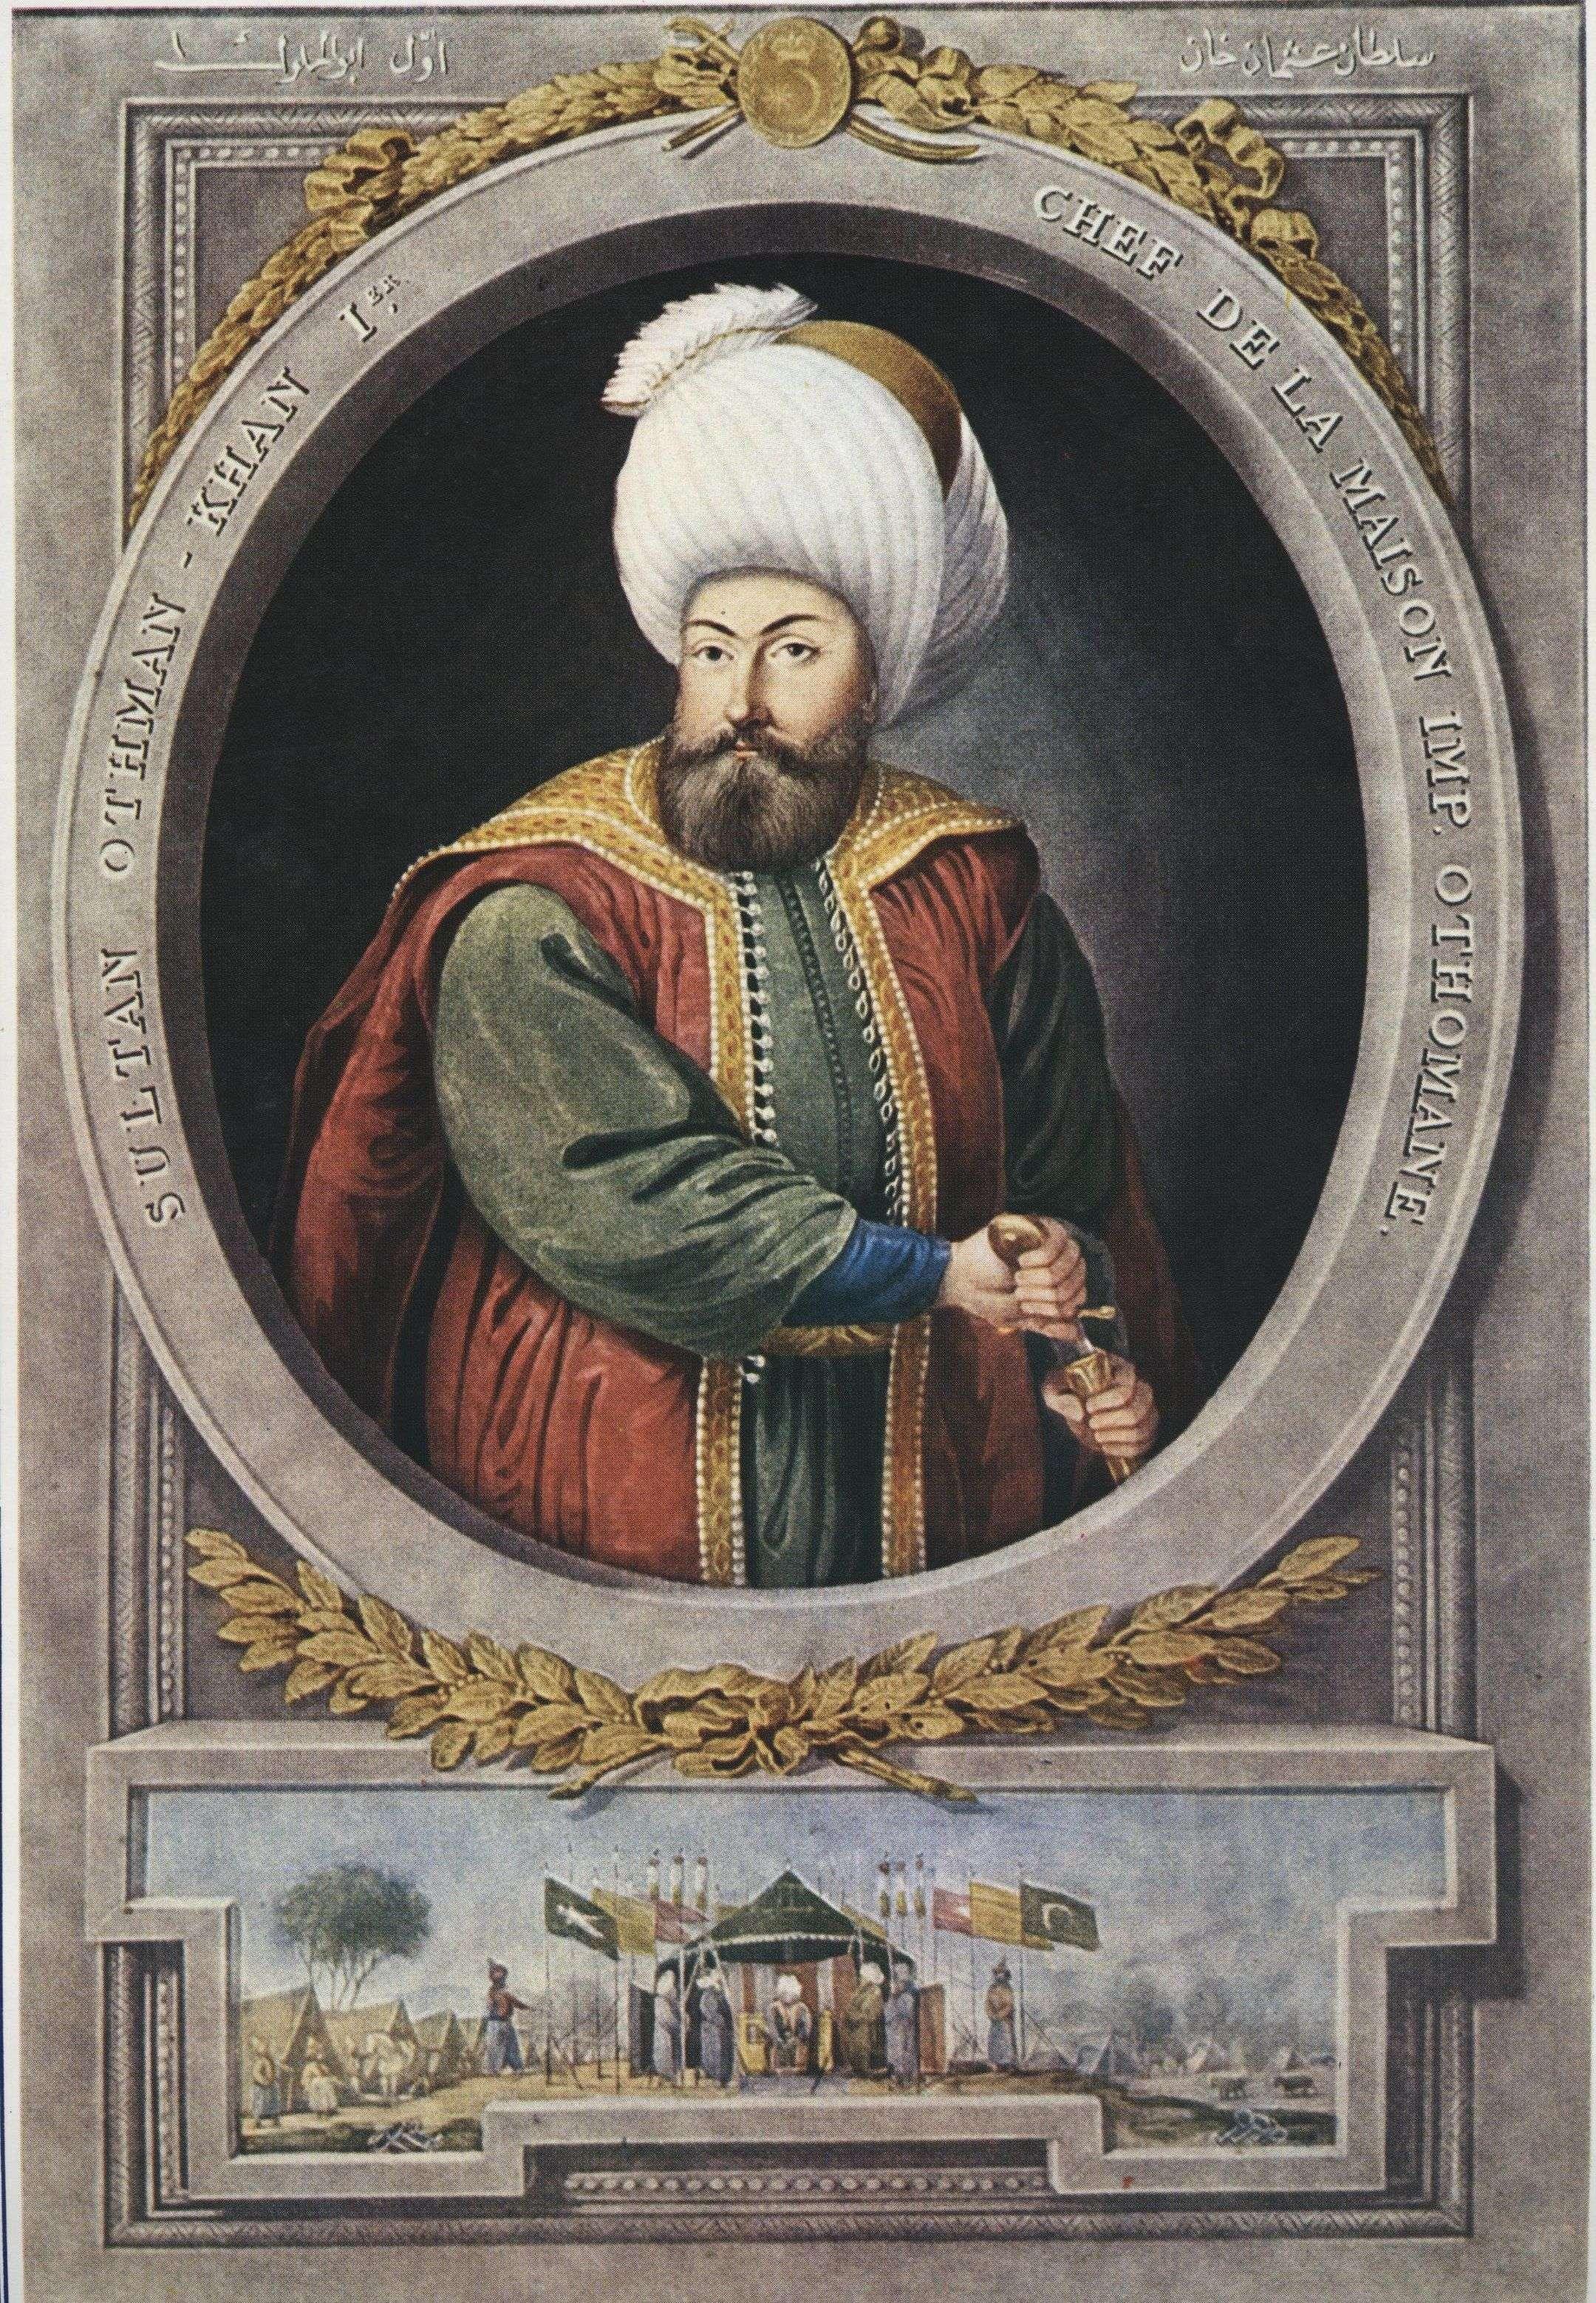 Ο Οσμάν Α΄ ή Οσμάν Γαζής (που σημαίνει νικητής), (τουρκ. Osman Gazi, 13 Φεβρουαρίου 1258 - 1 Αυγούστου 1326) ήταν ιδρυτής και σουλτάνος της Οθωμανικής Αυτοκρατορίας.